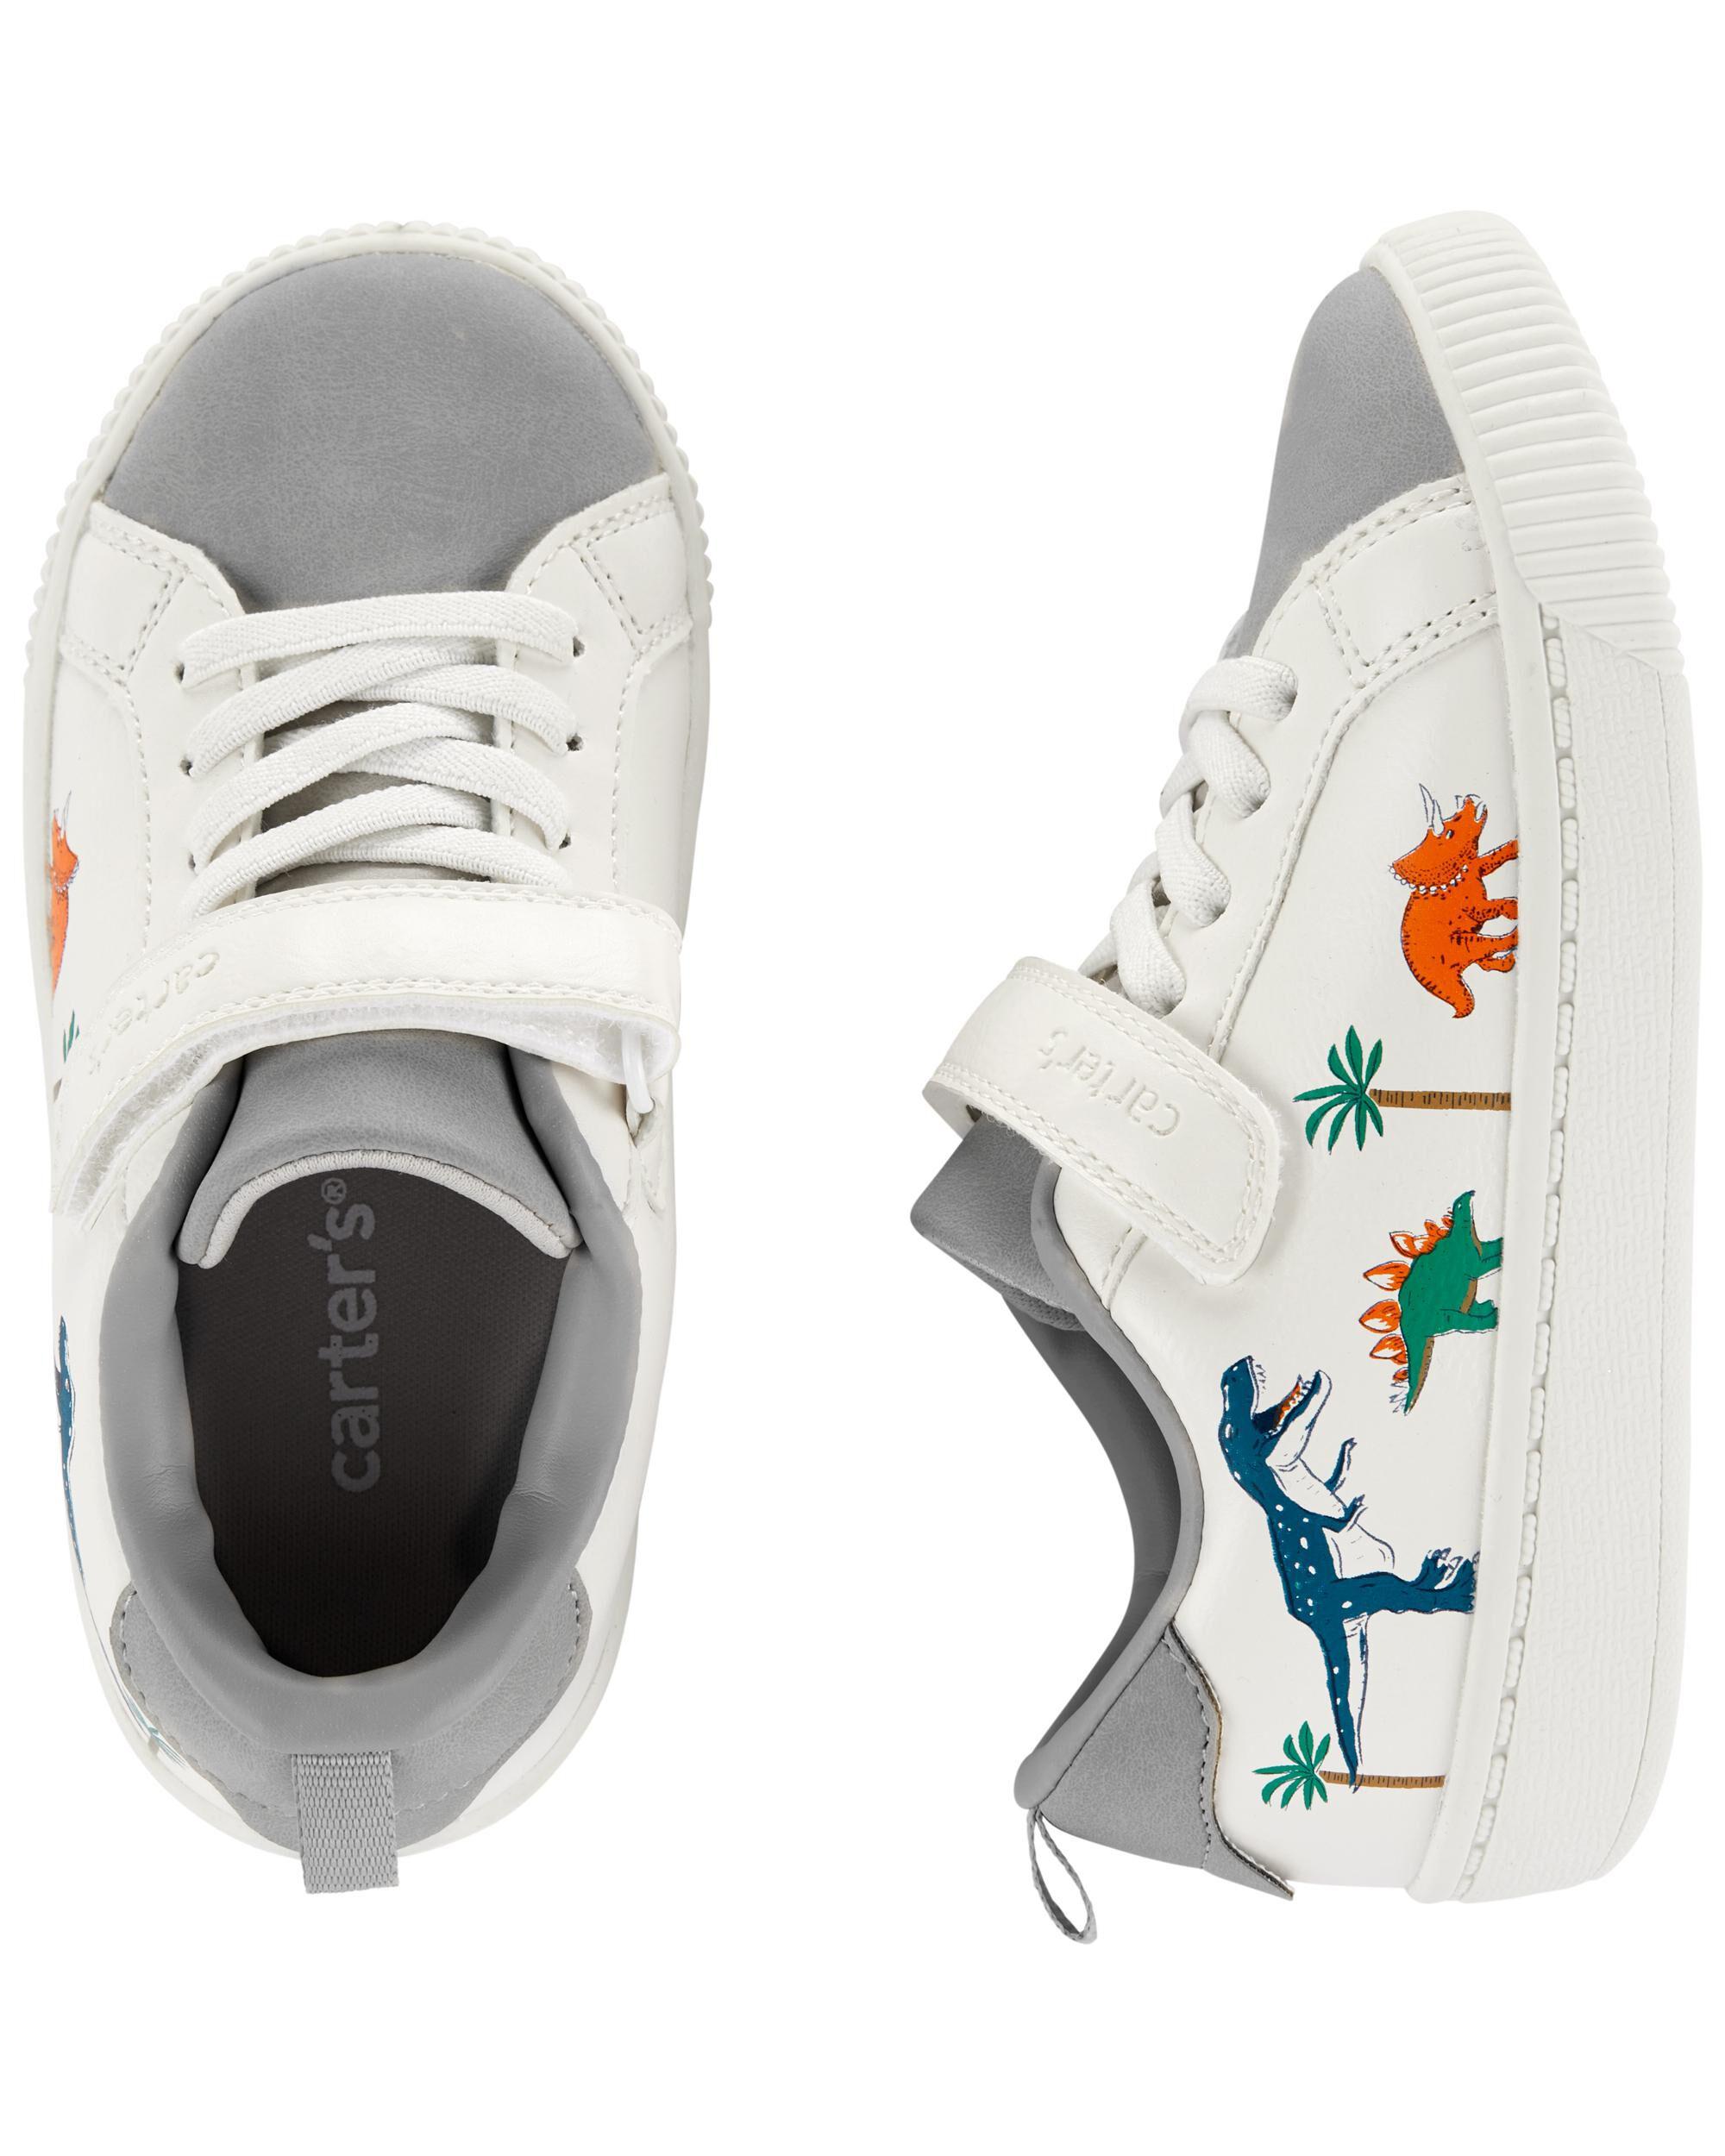 Carters Dinosaur Sneakers